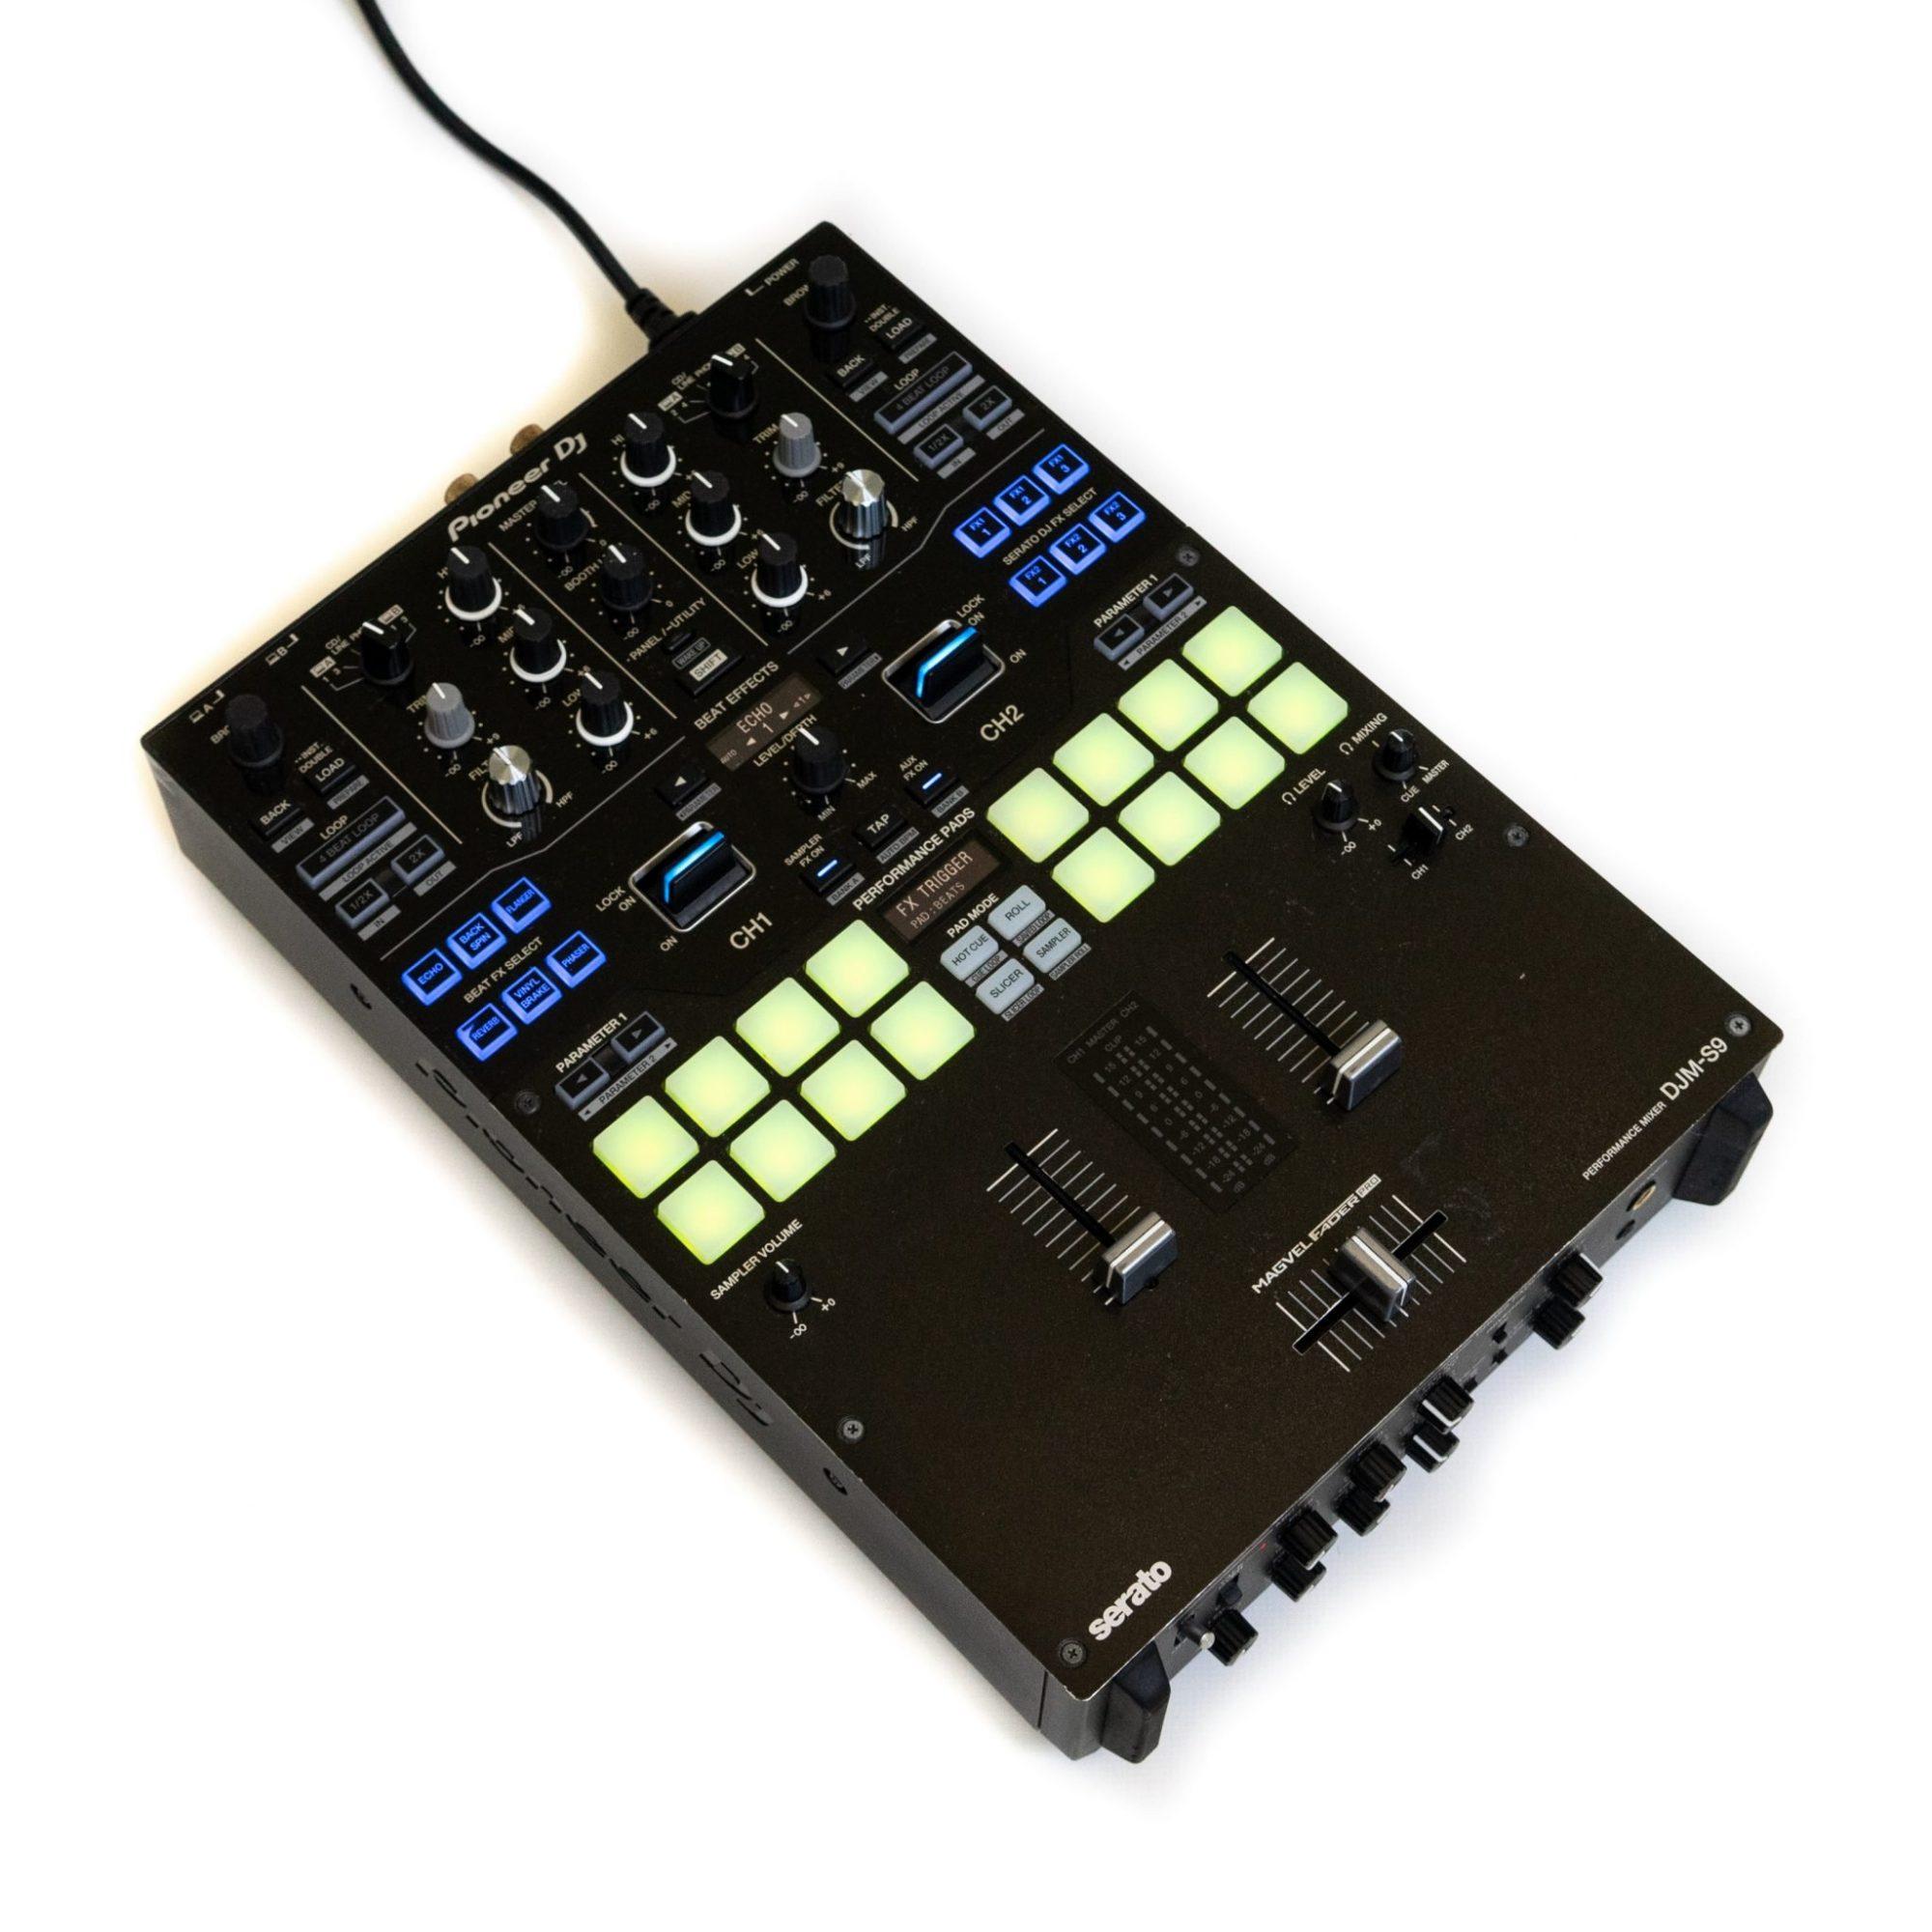 gebraucht kaufen Pioneer DJM S9